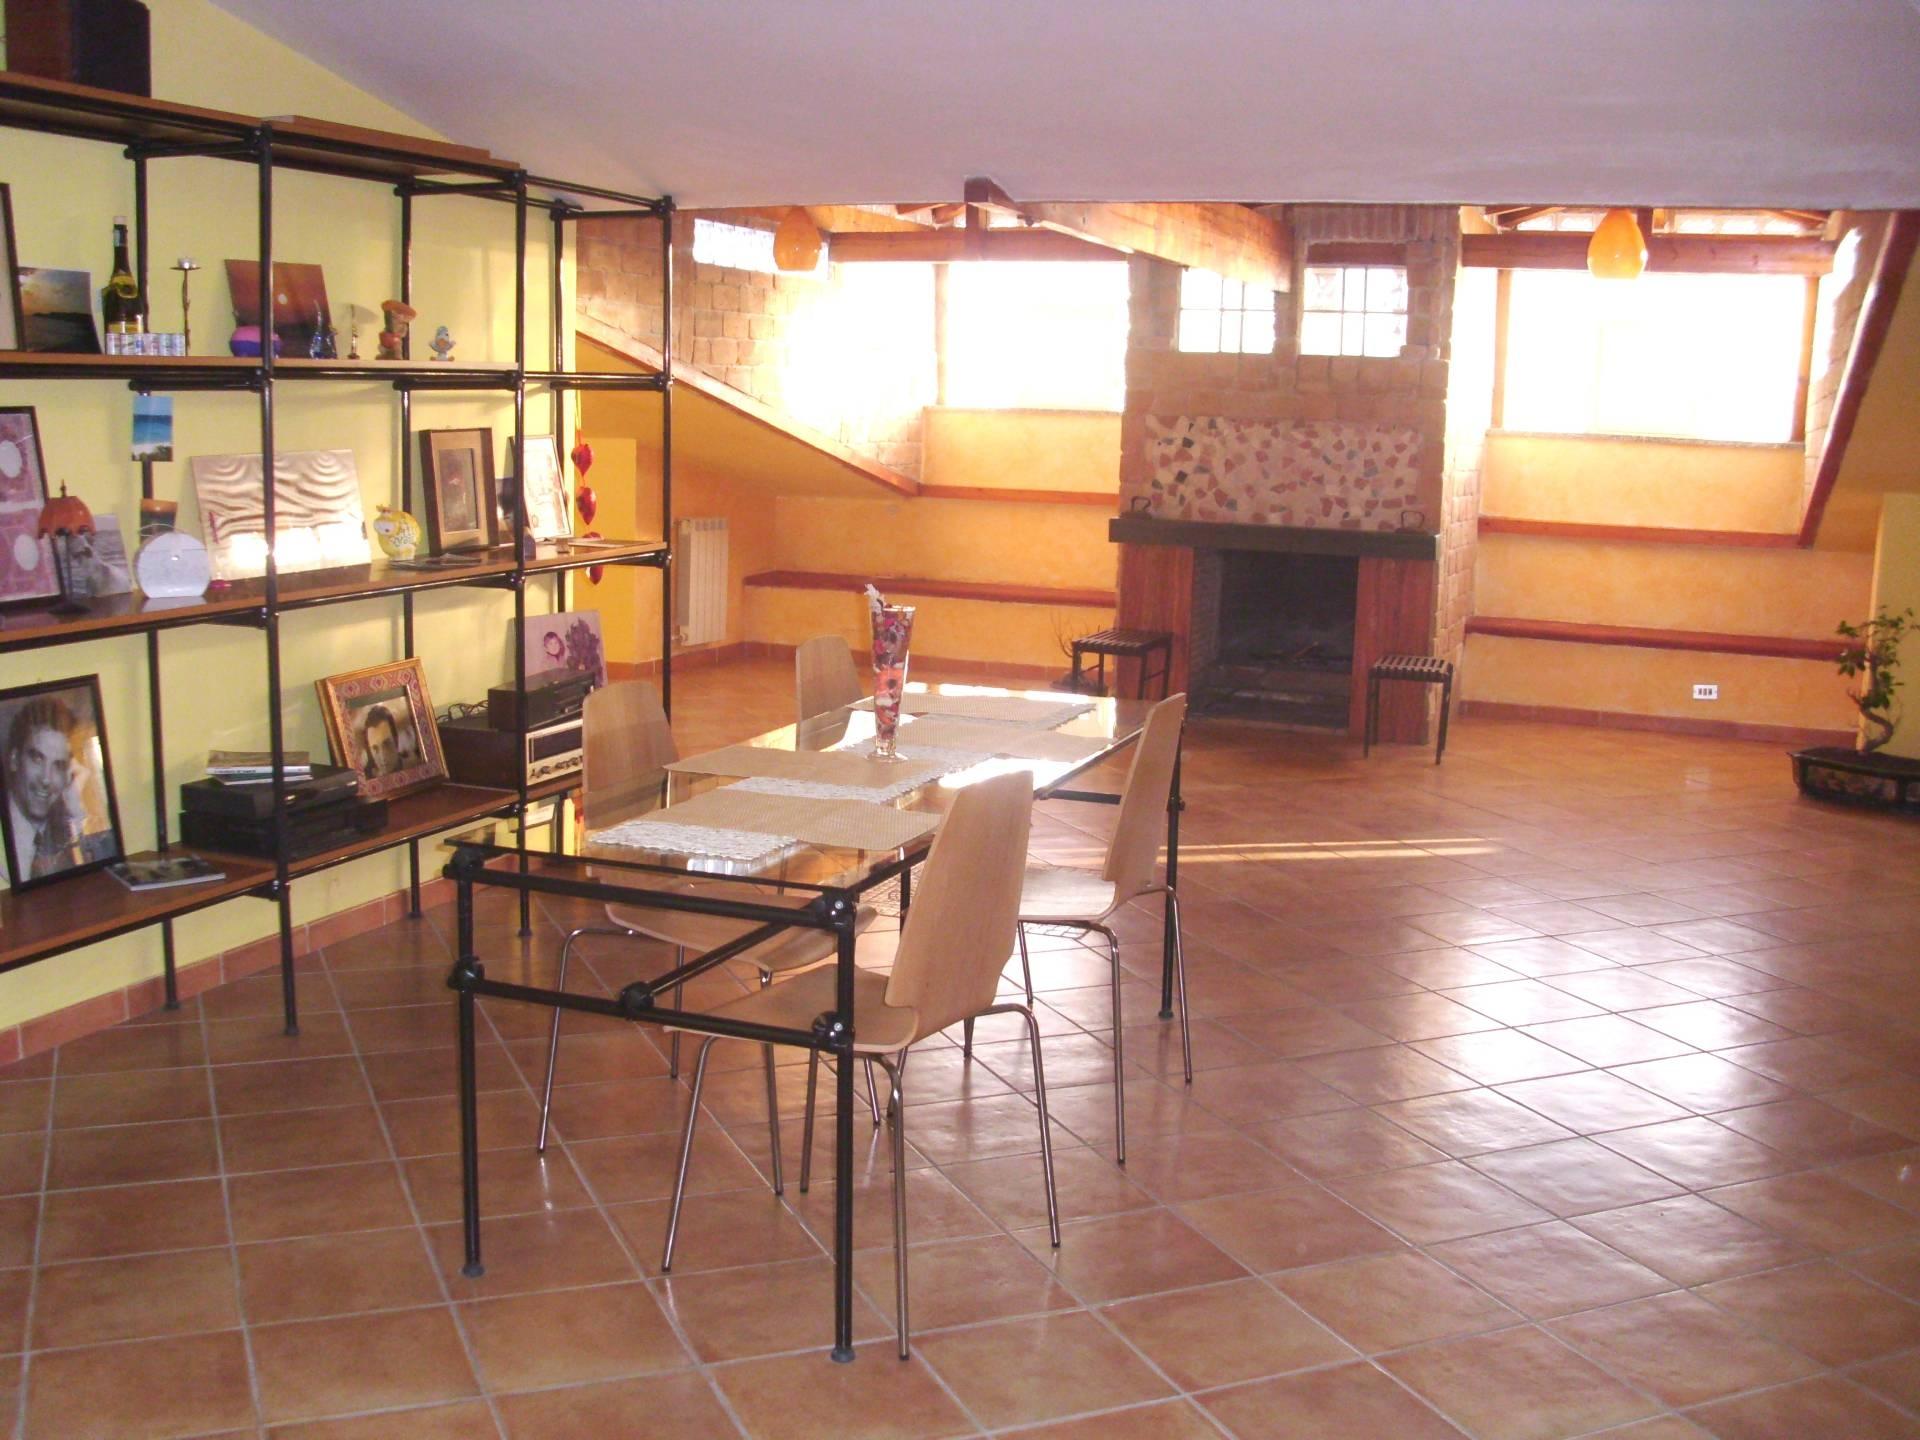 Appartamento in vendita a Mugnano di Napoli, 3 locali, prezzo € 130.000 | CambioCasa.it